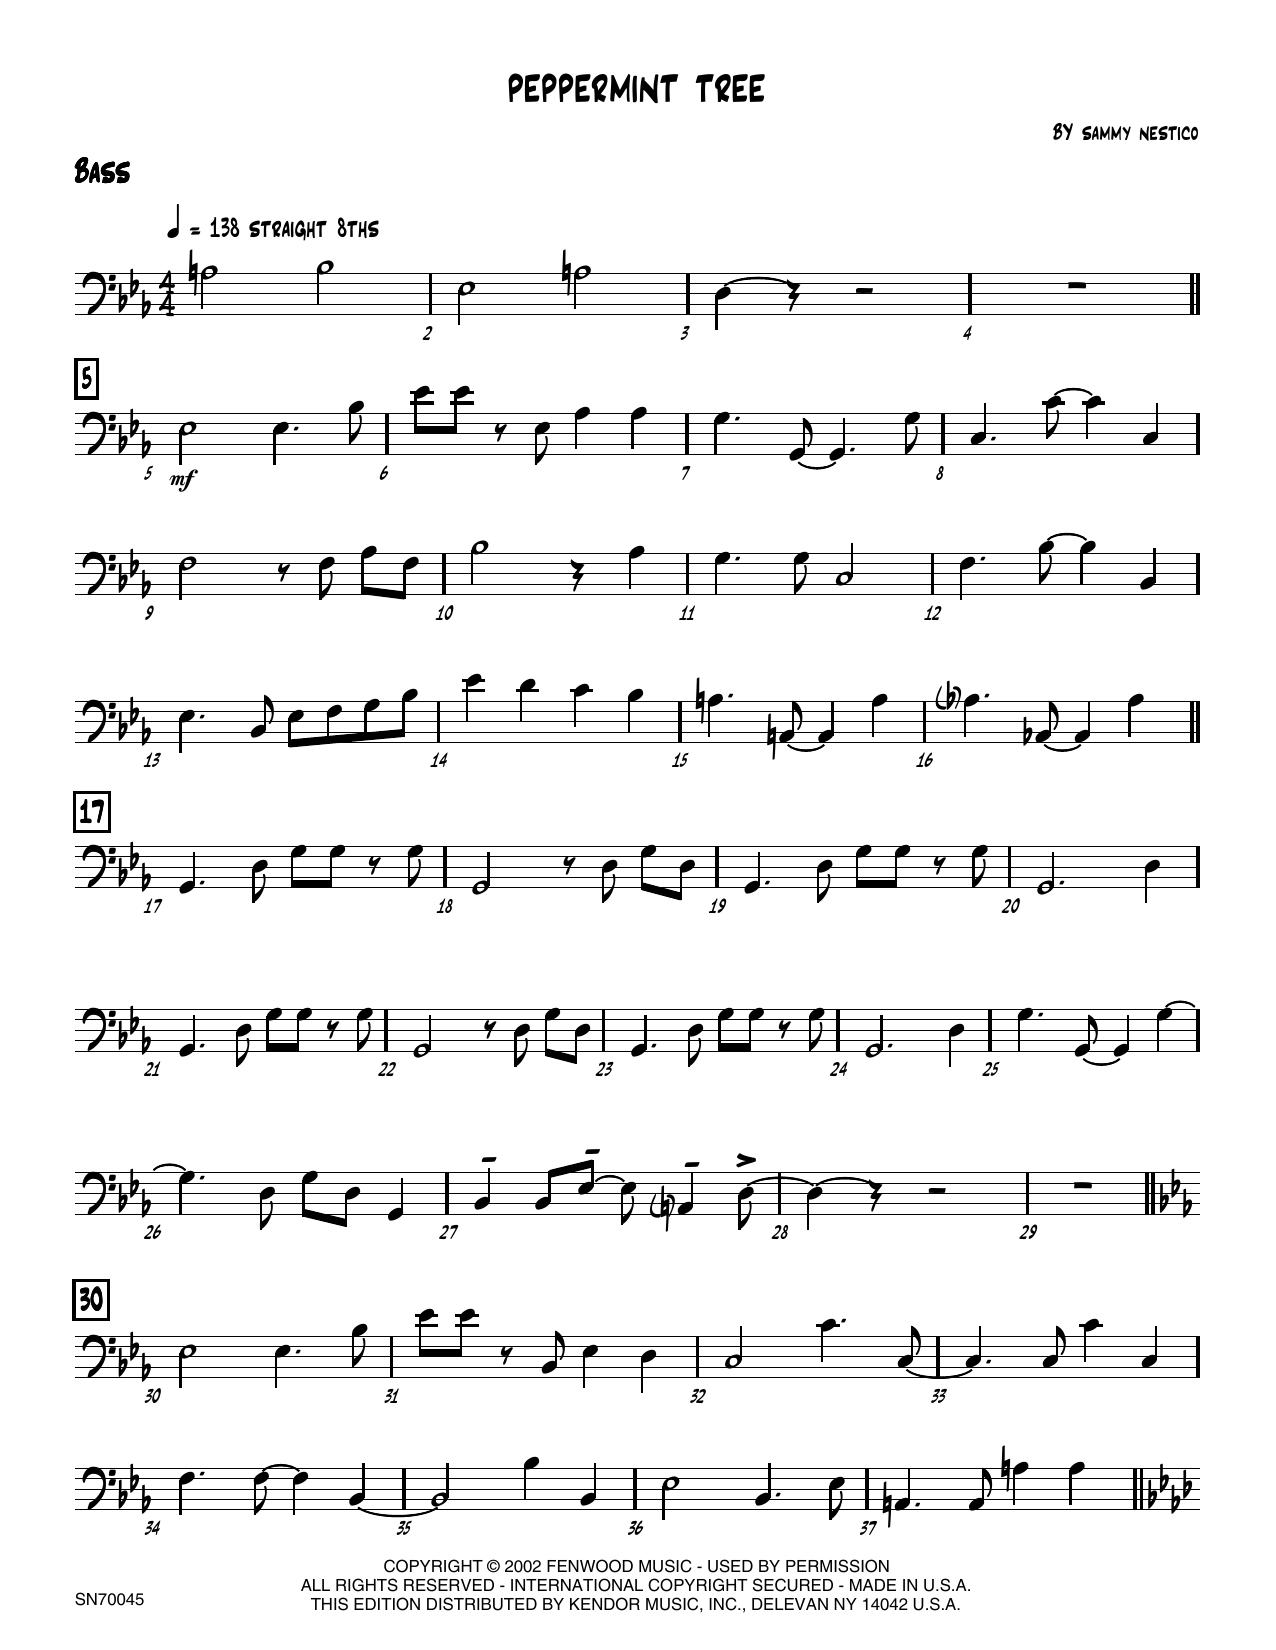 Peppermint Tree - Bass Sheet Music